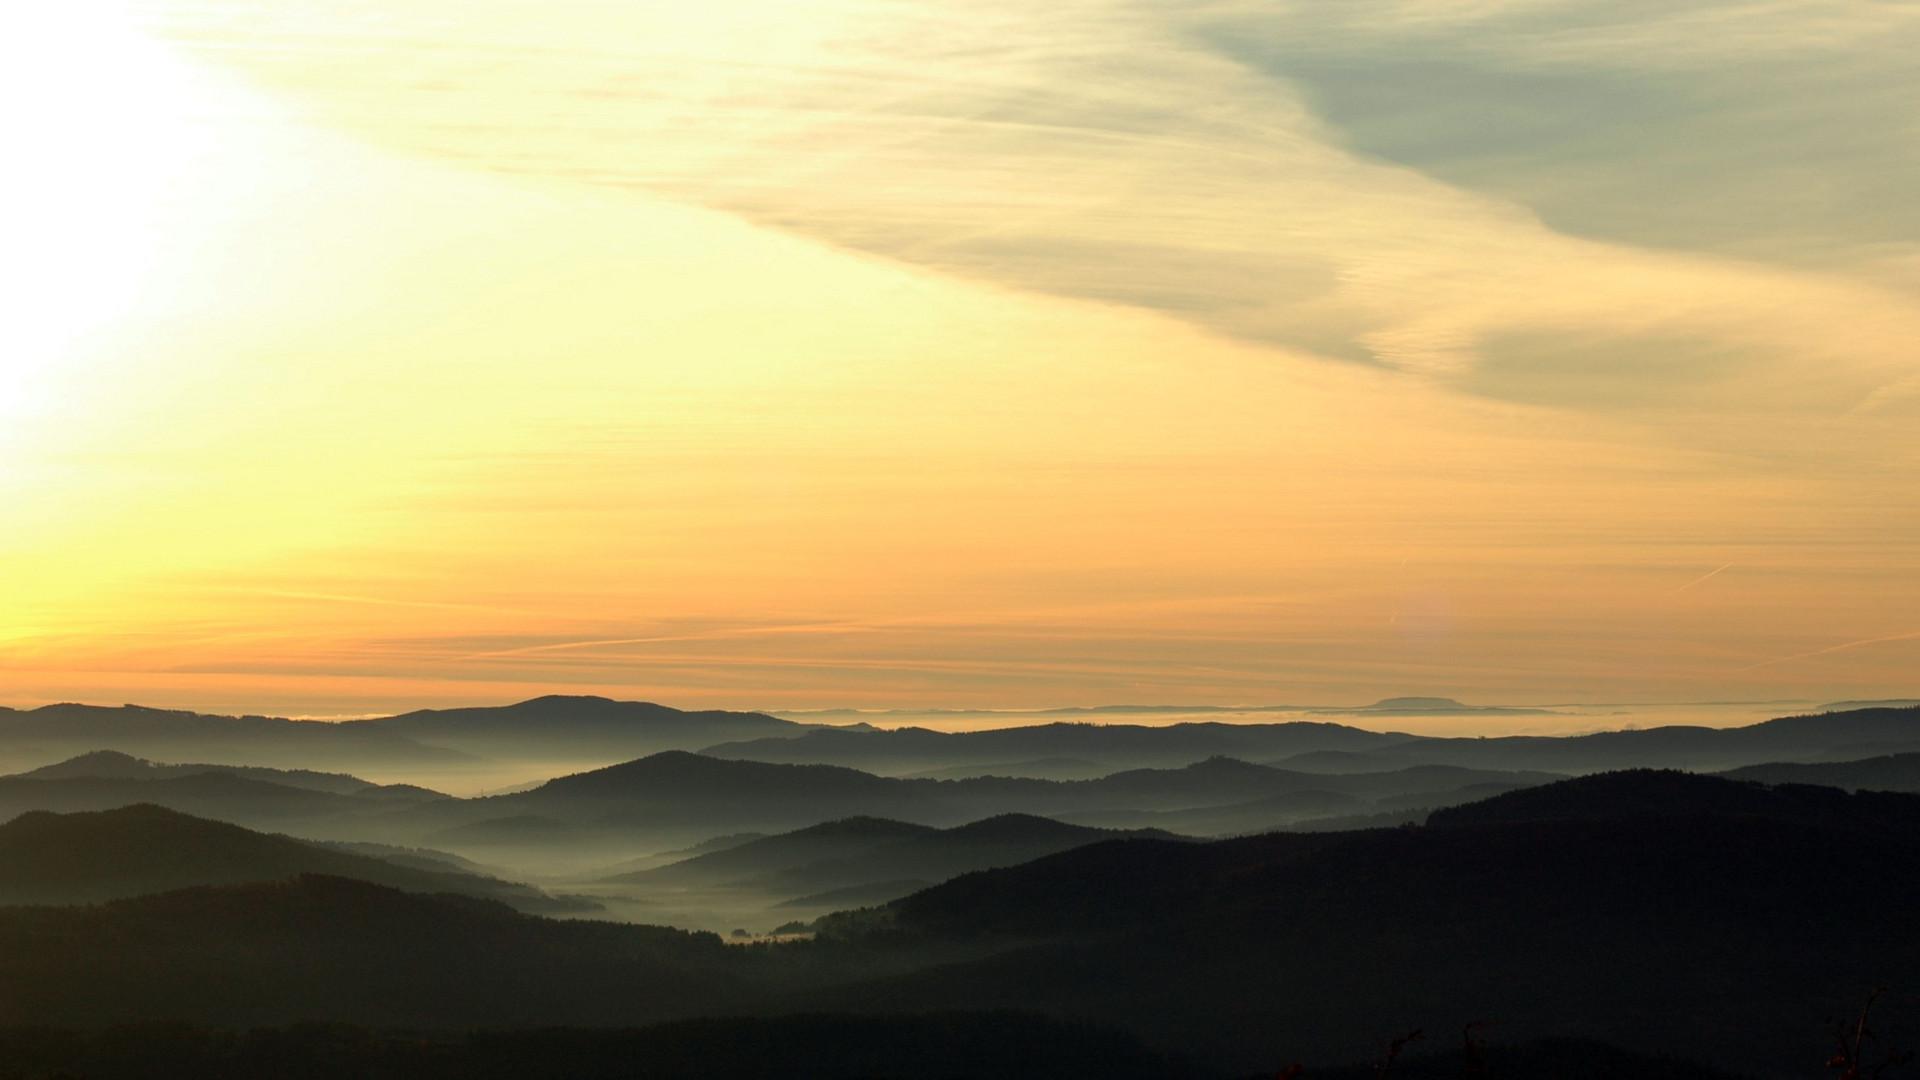 Landschaft östlich des Lusens kurz nach Sonnenaufgang